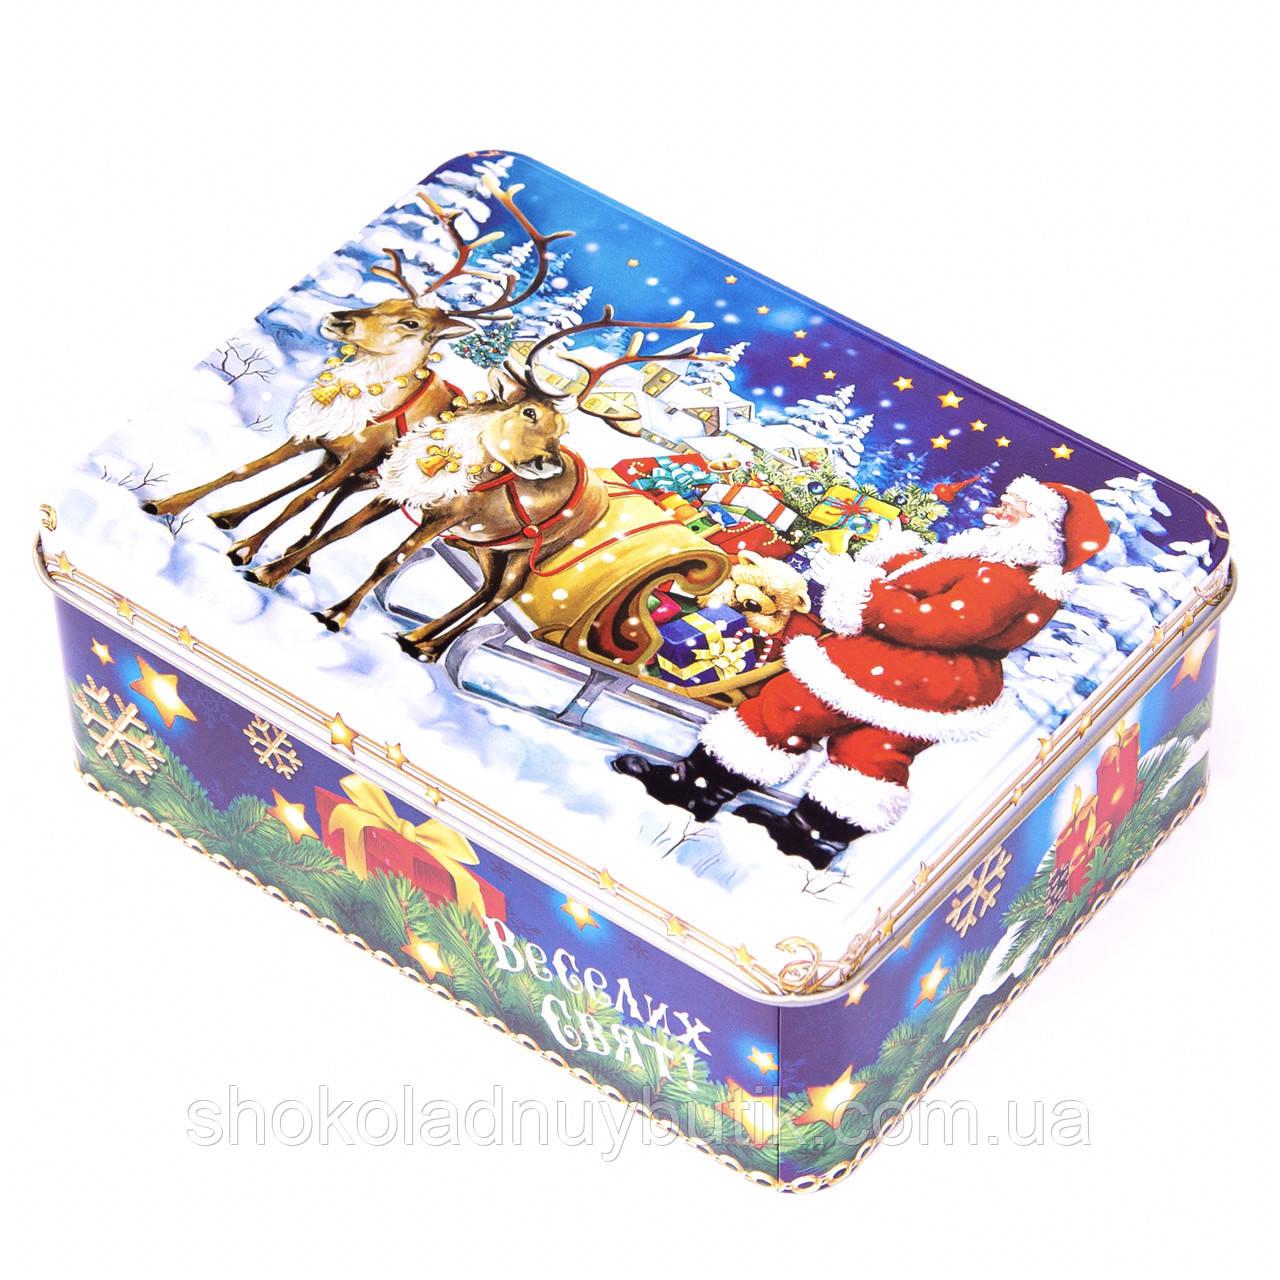 Подарок рождественский Ritter sport 200г+кофе арабика Burdet Especialisimo 250г